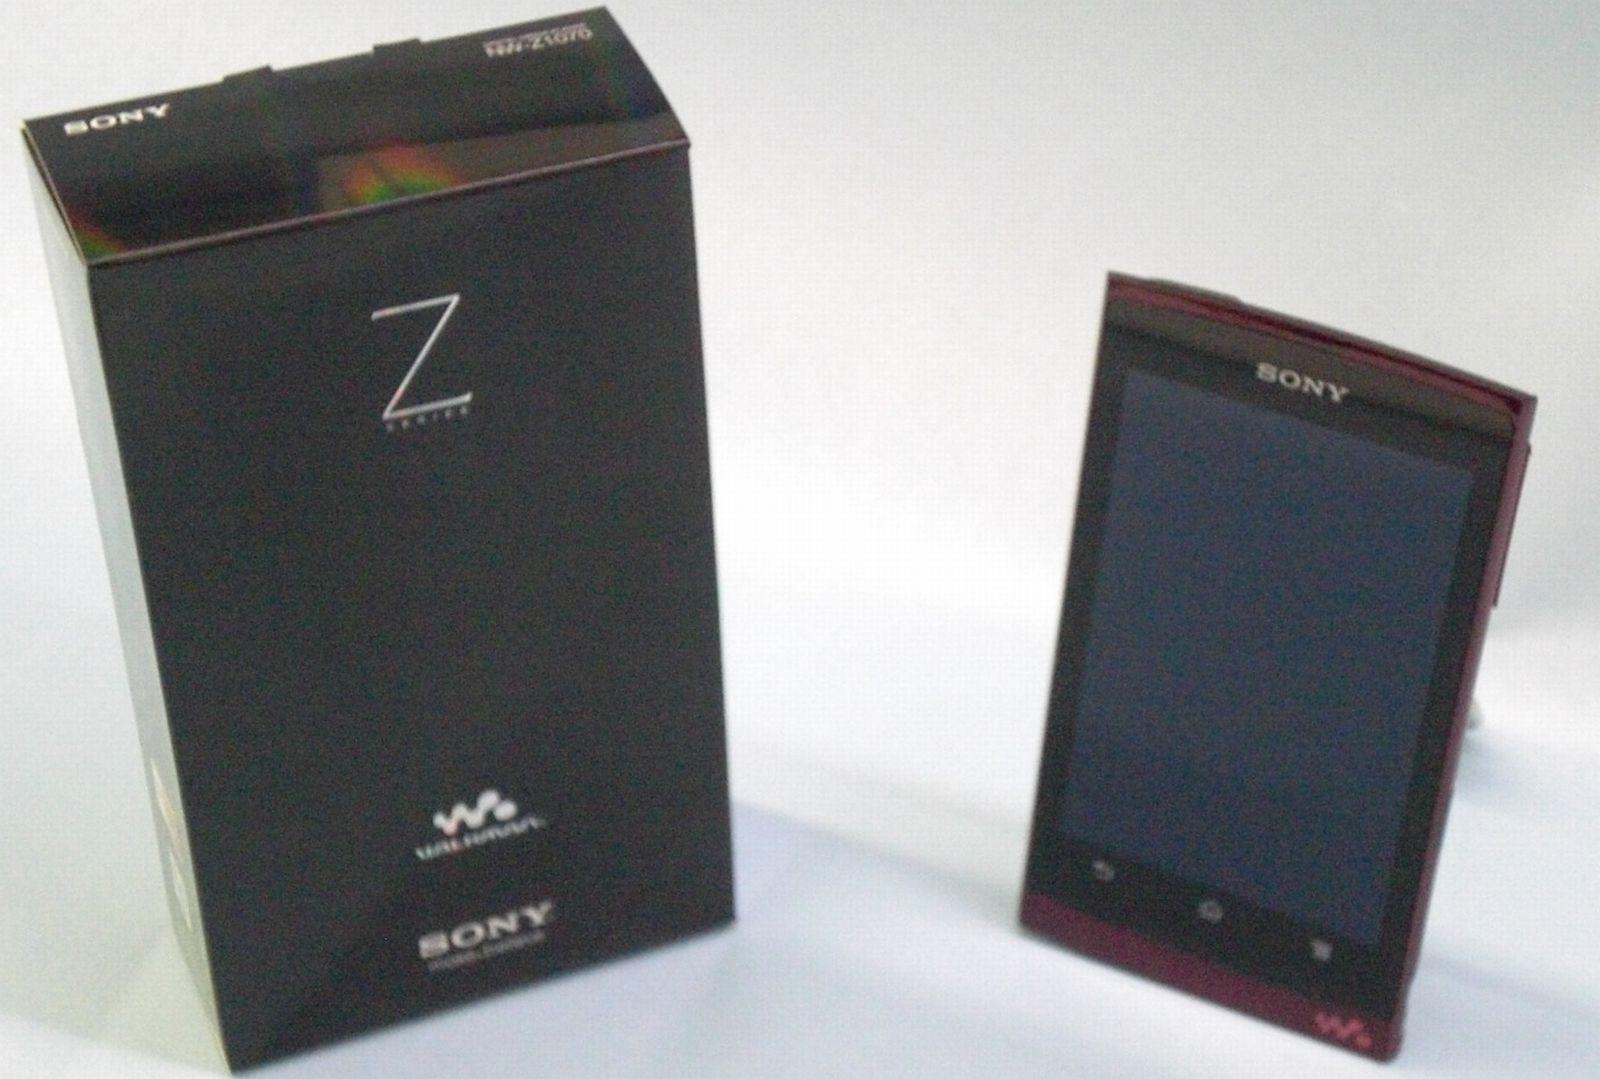 SONY ポータブルオーディオプレーヤー(NV-Z1070)